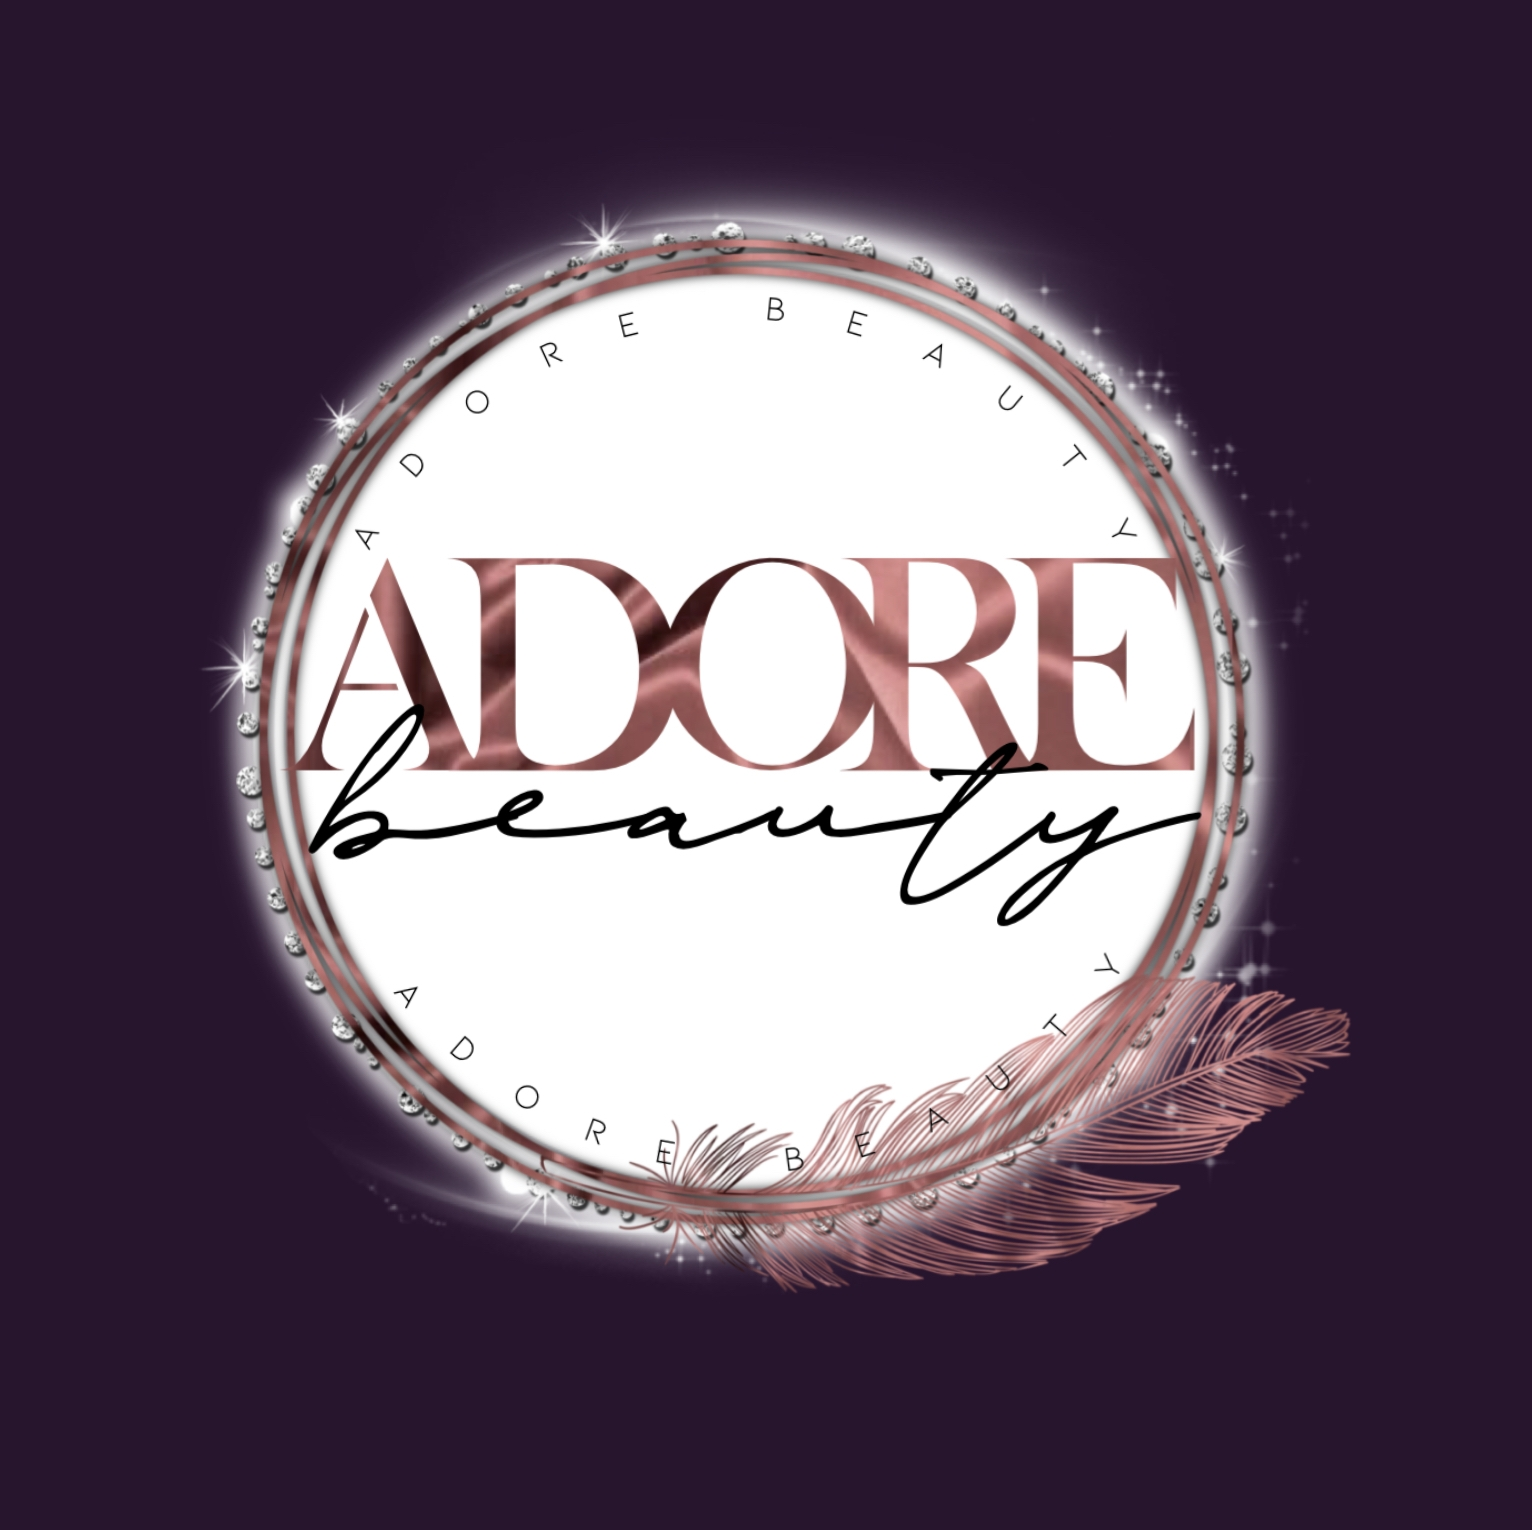 Adore Beauty